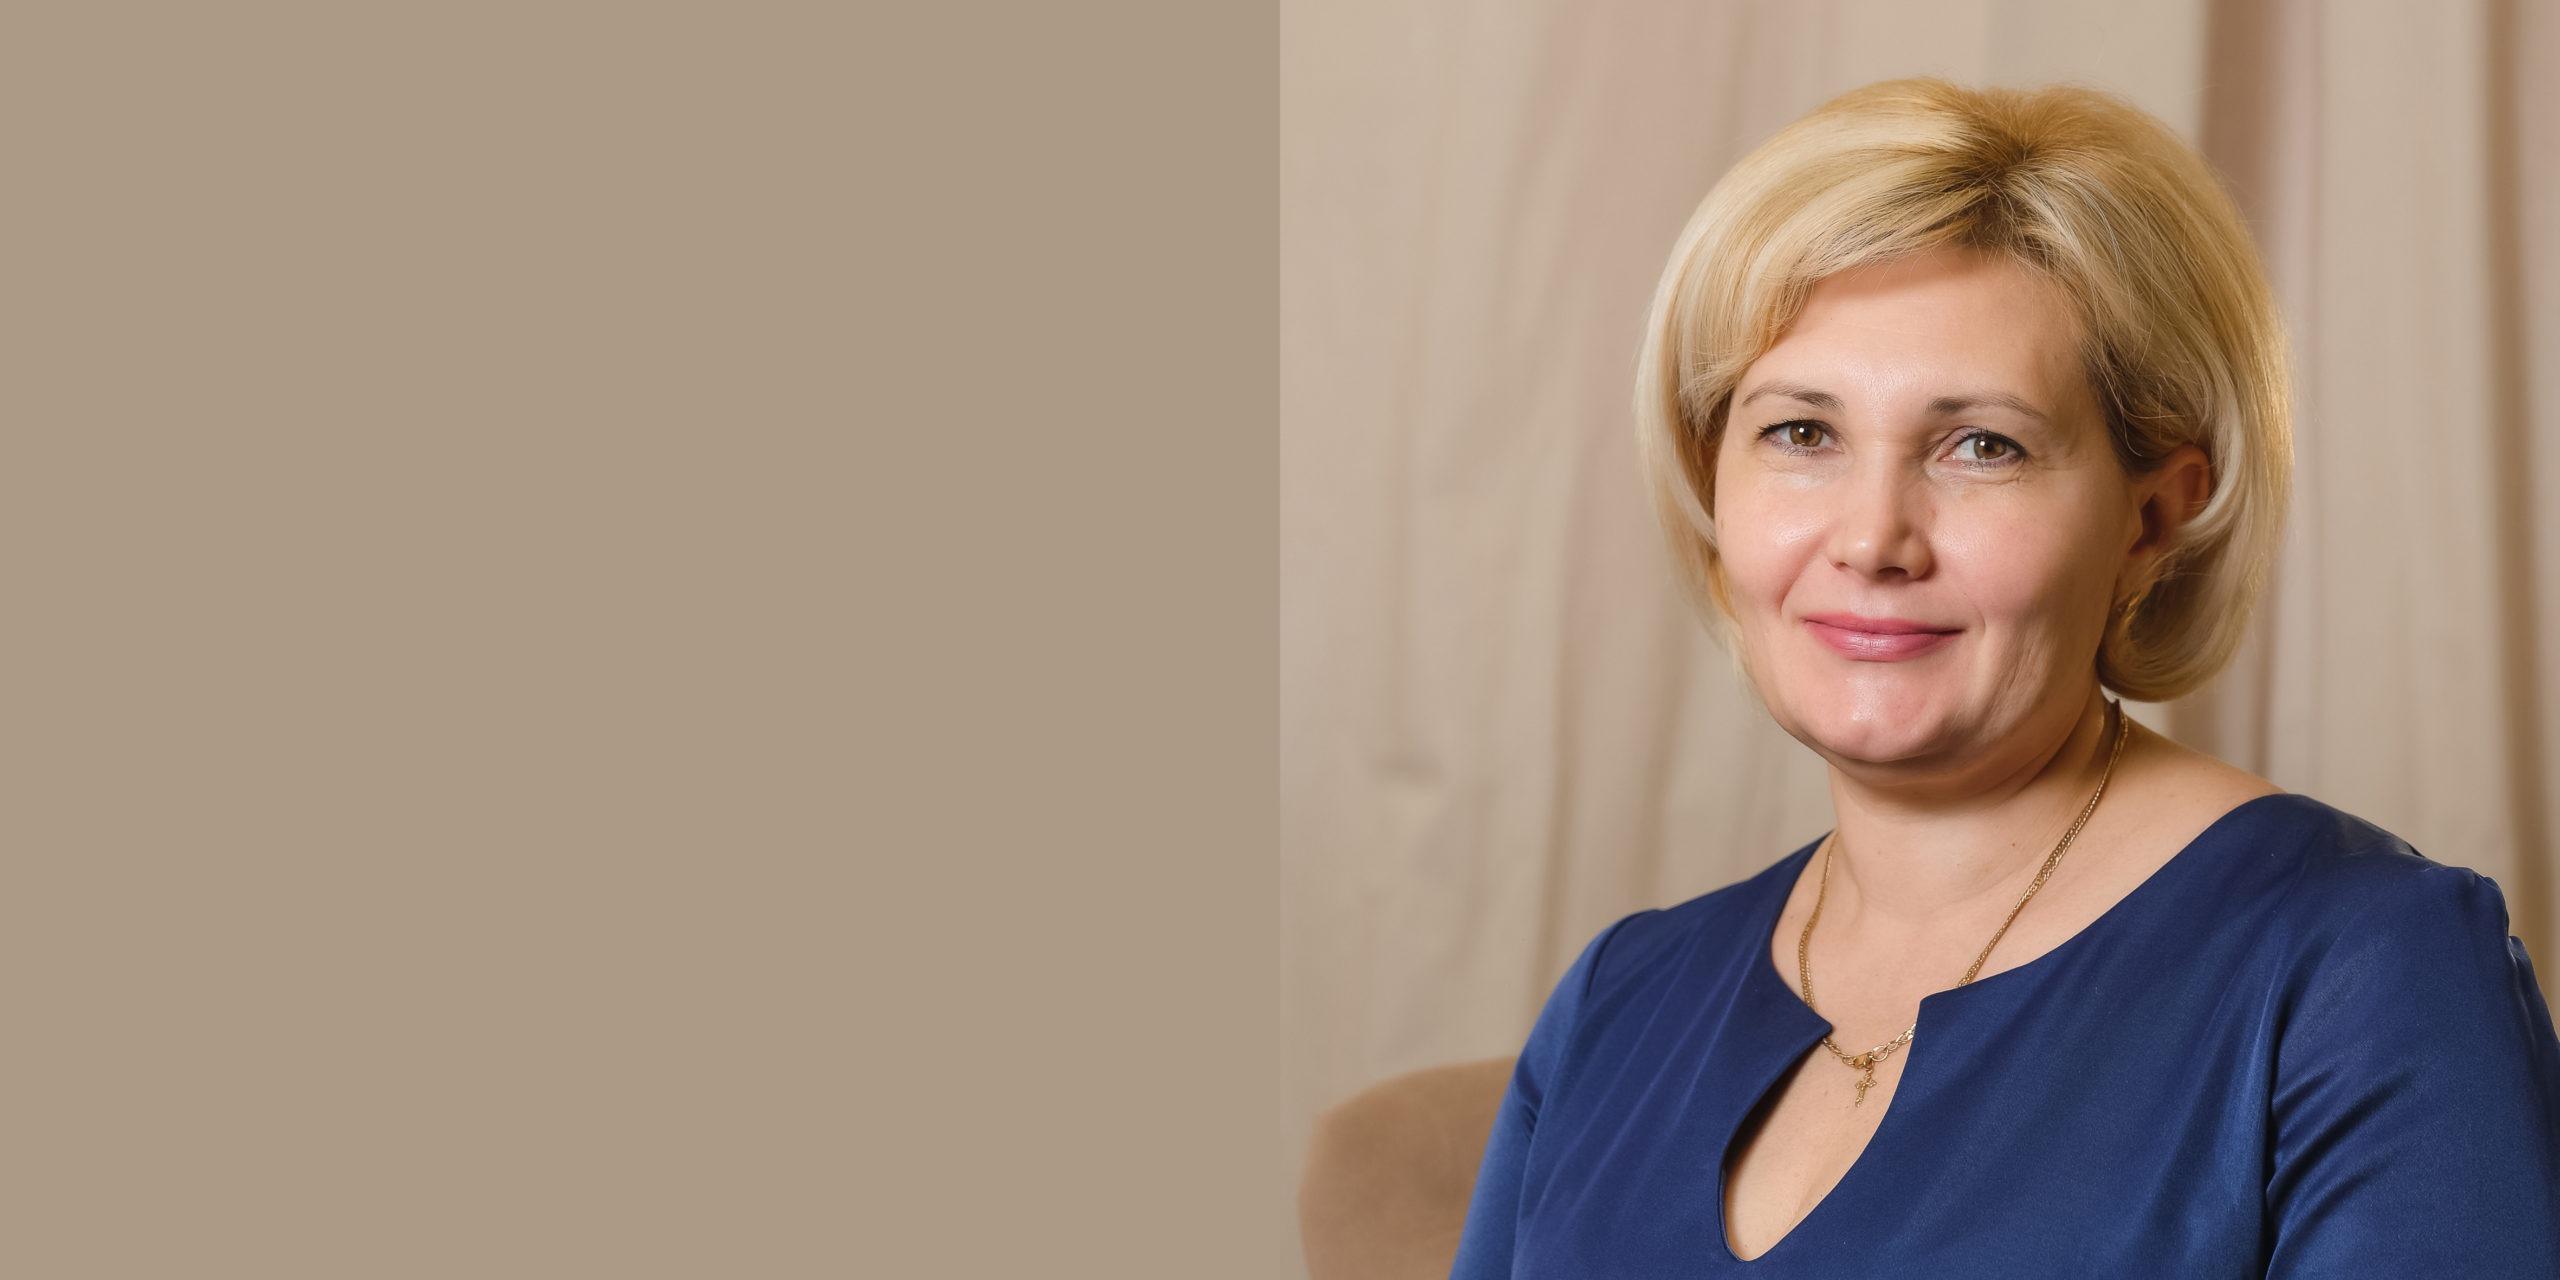 Наталия Дорофеева, начальник отдела методического обеспечения центра Эмпатия